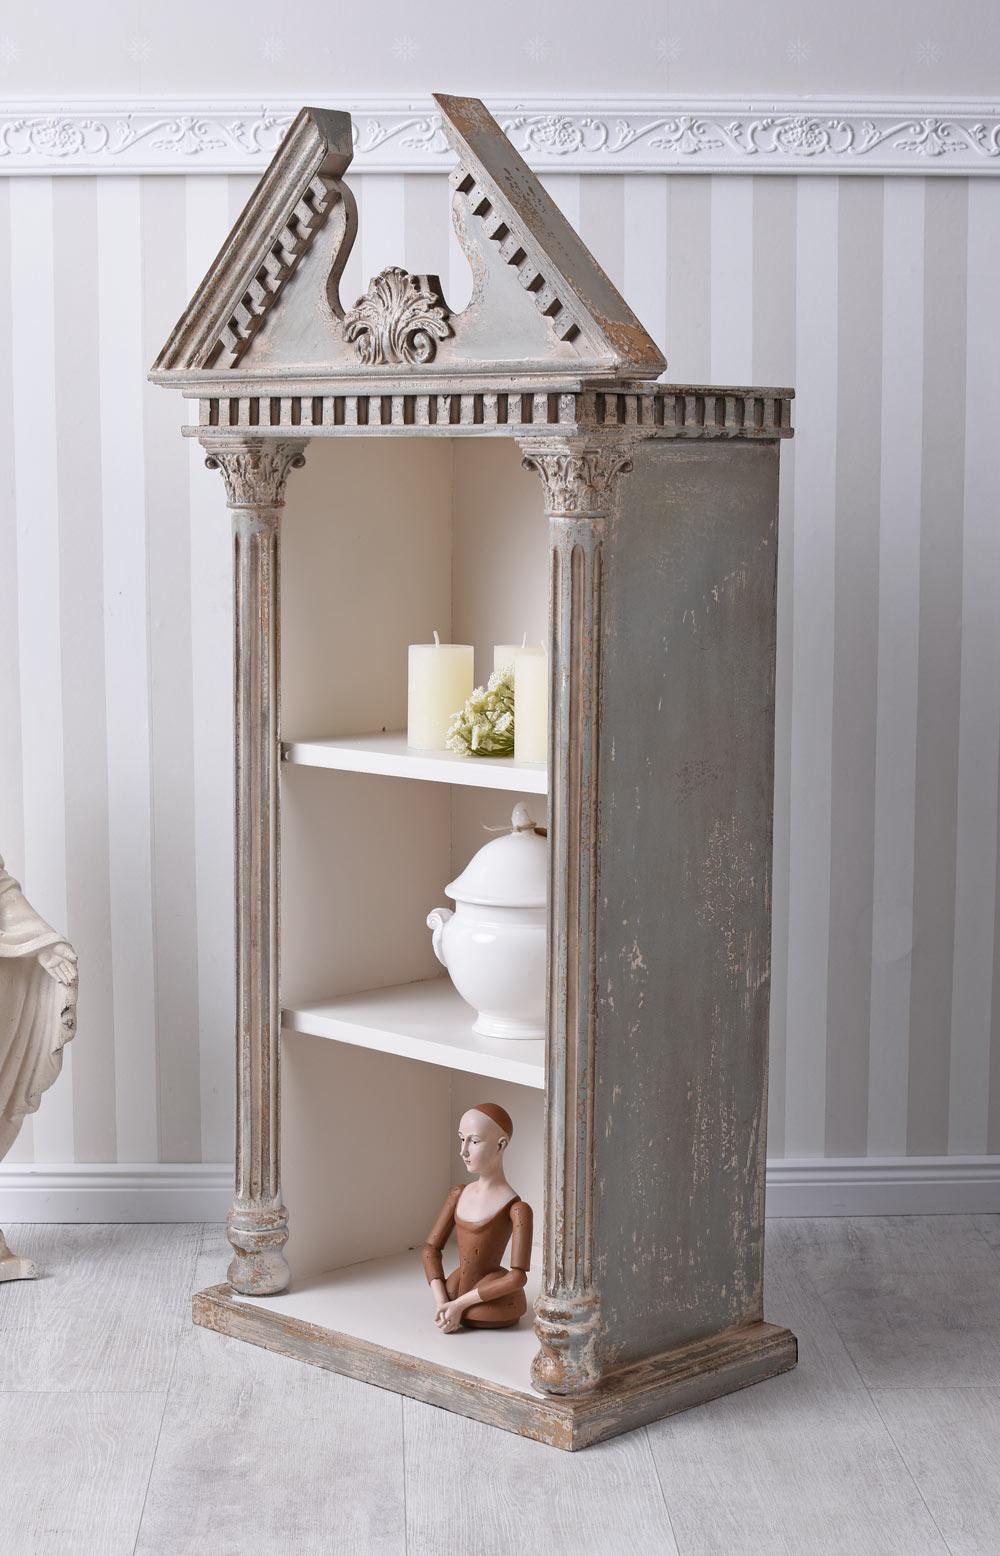 Biblioteca antico scaffale mensola da bagno tavola muro pensile casa di campagna ebay - Mensola bagno ikea ...